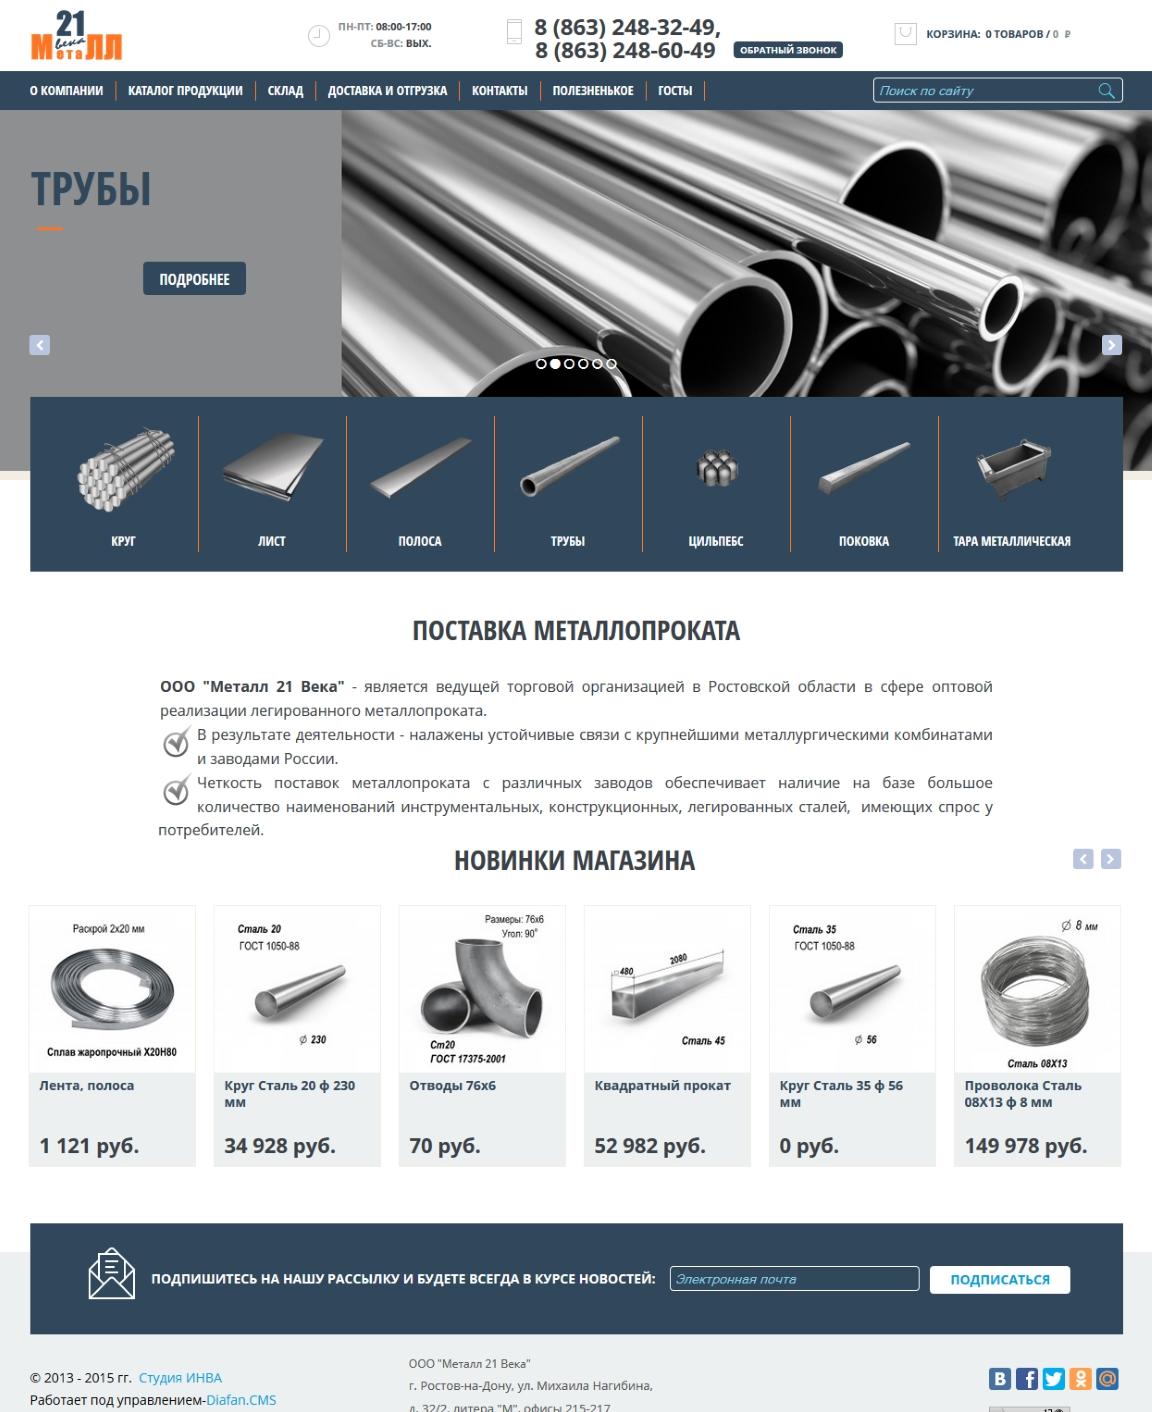 Сайт ООО Металл 21 Века